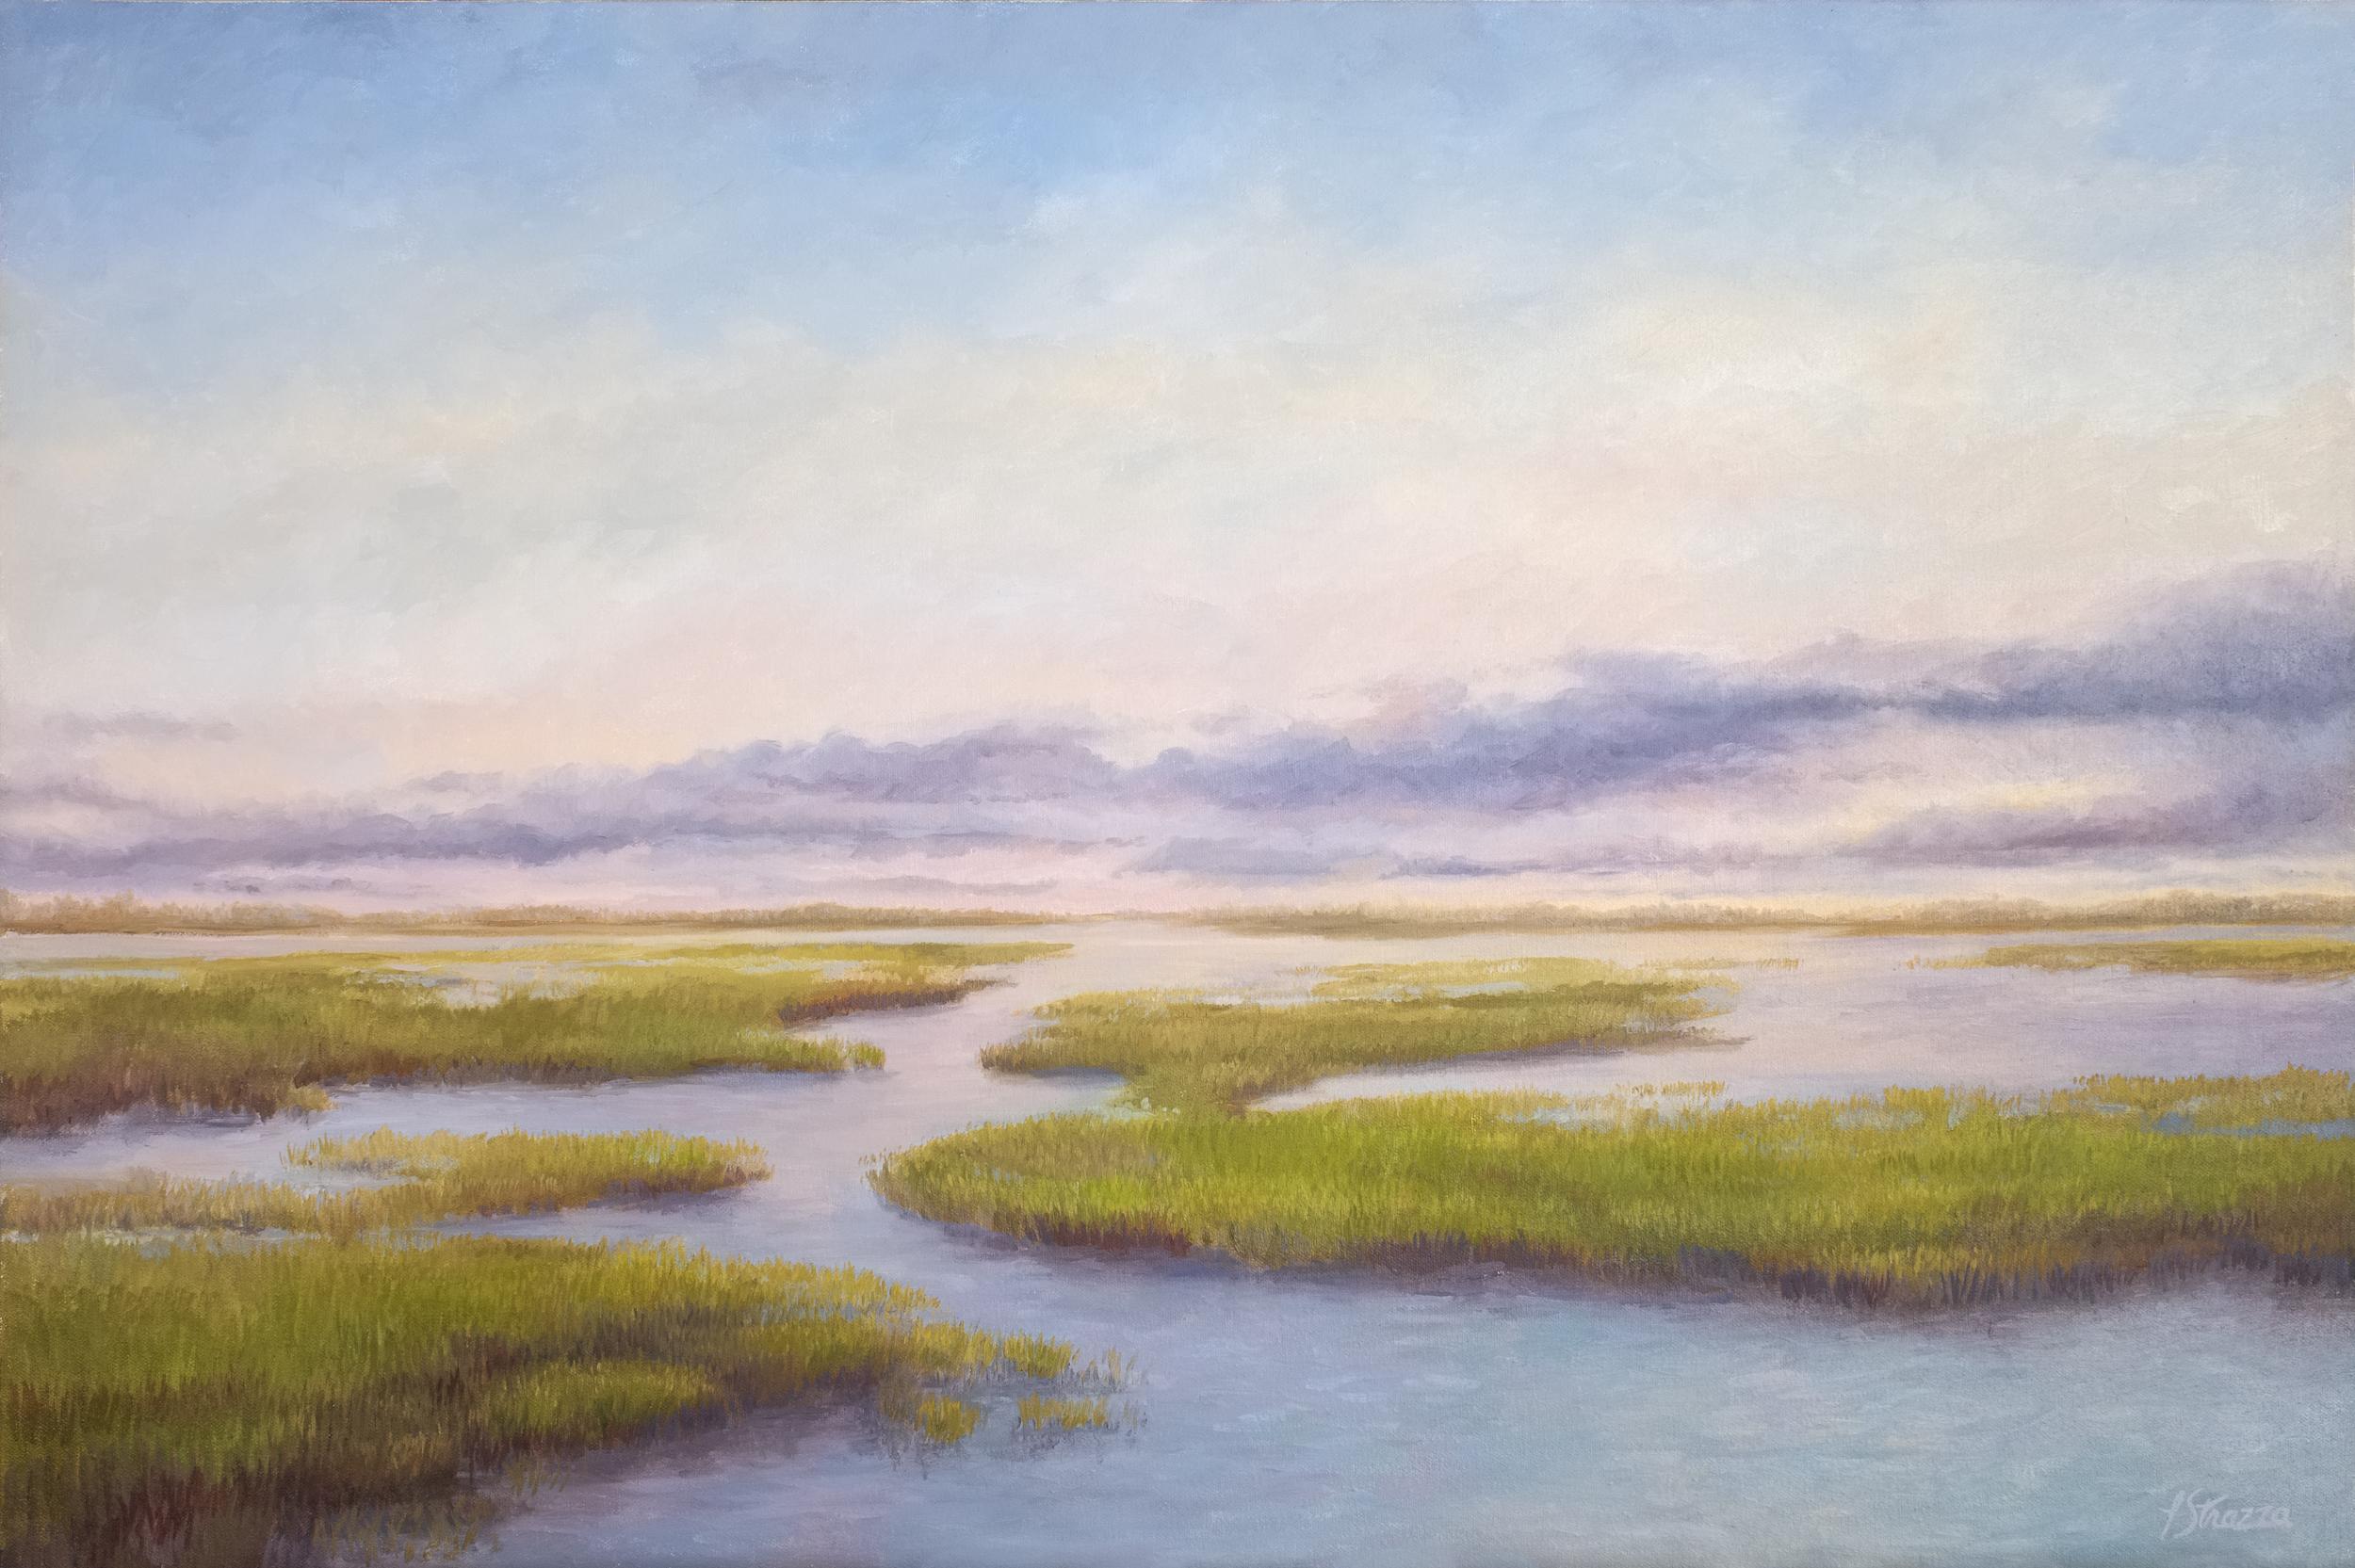 High Tide on the Marsh